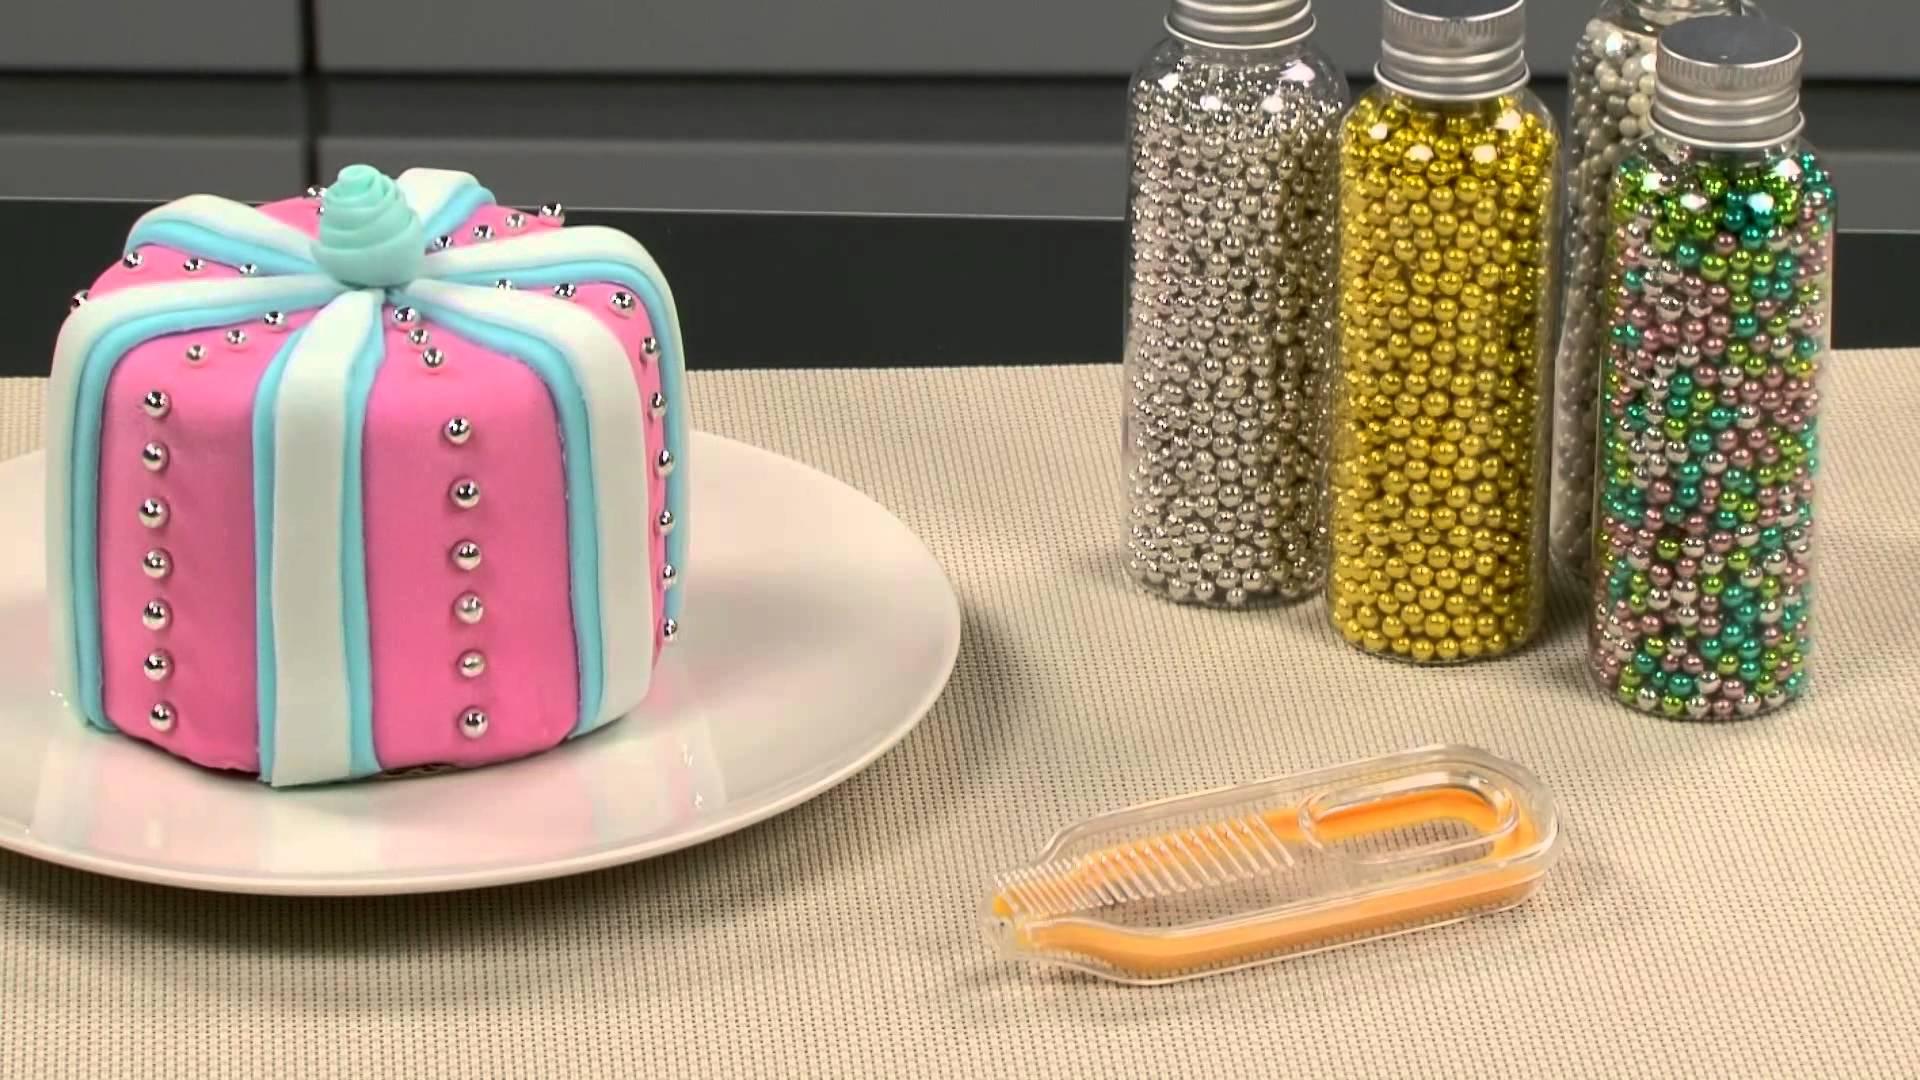 Кондитерская посыпка из блестящих съедобных элементов от Tescoma в упаковках и на тортике